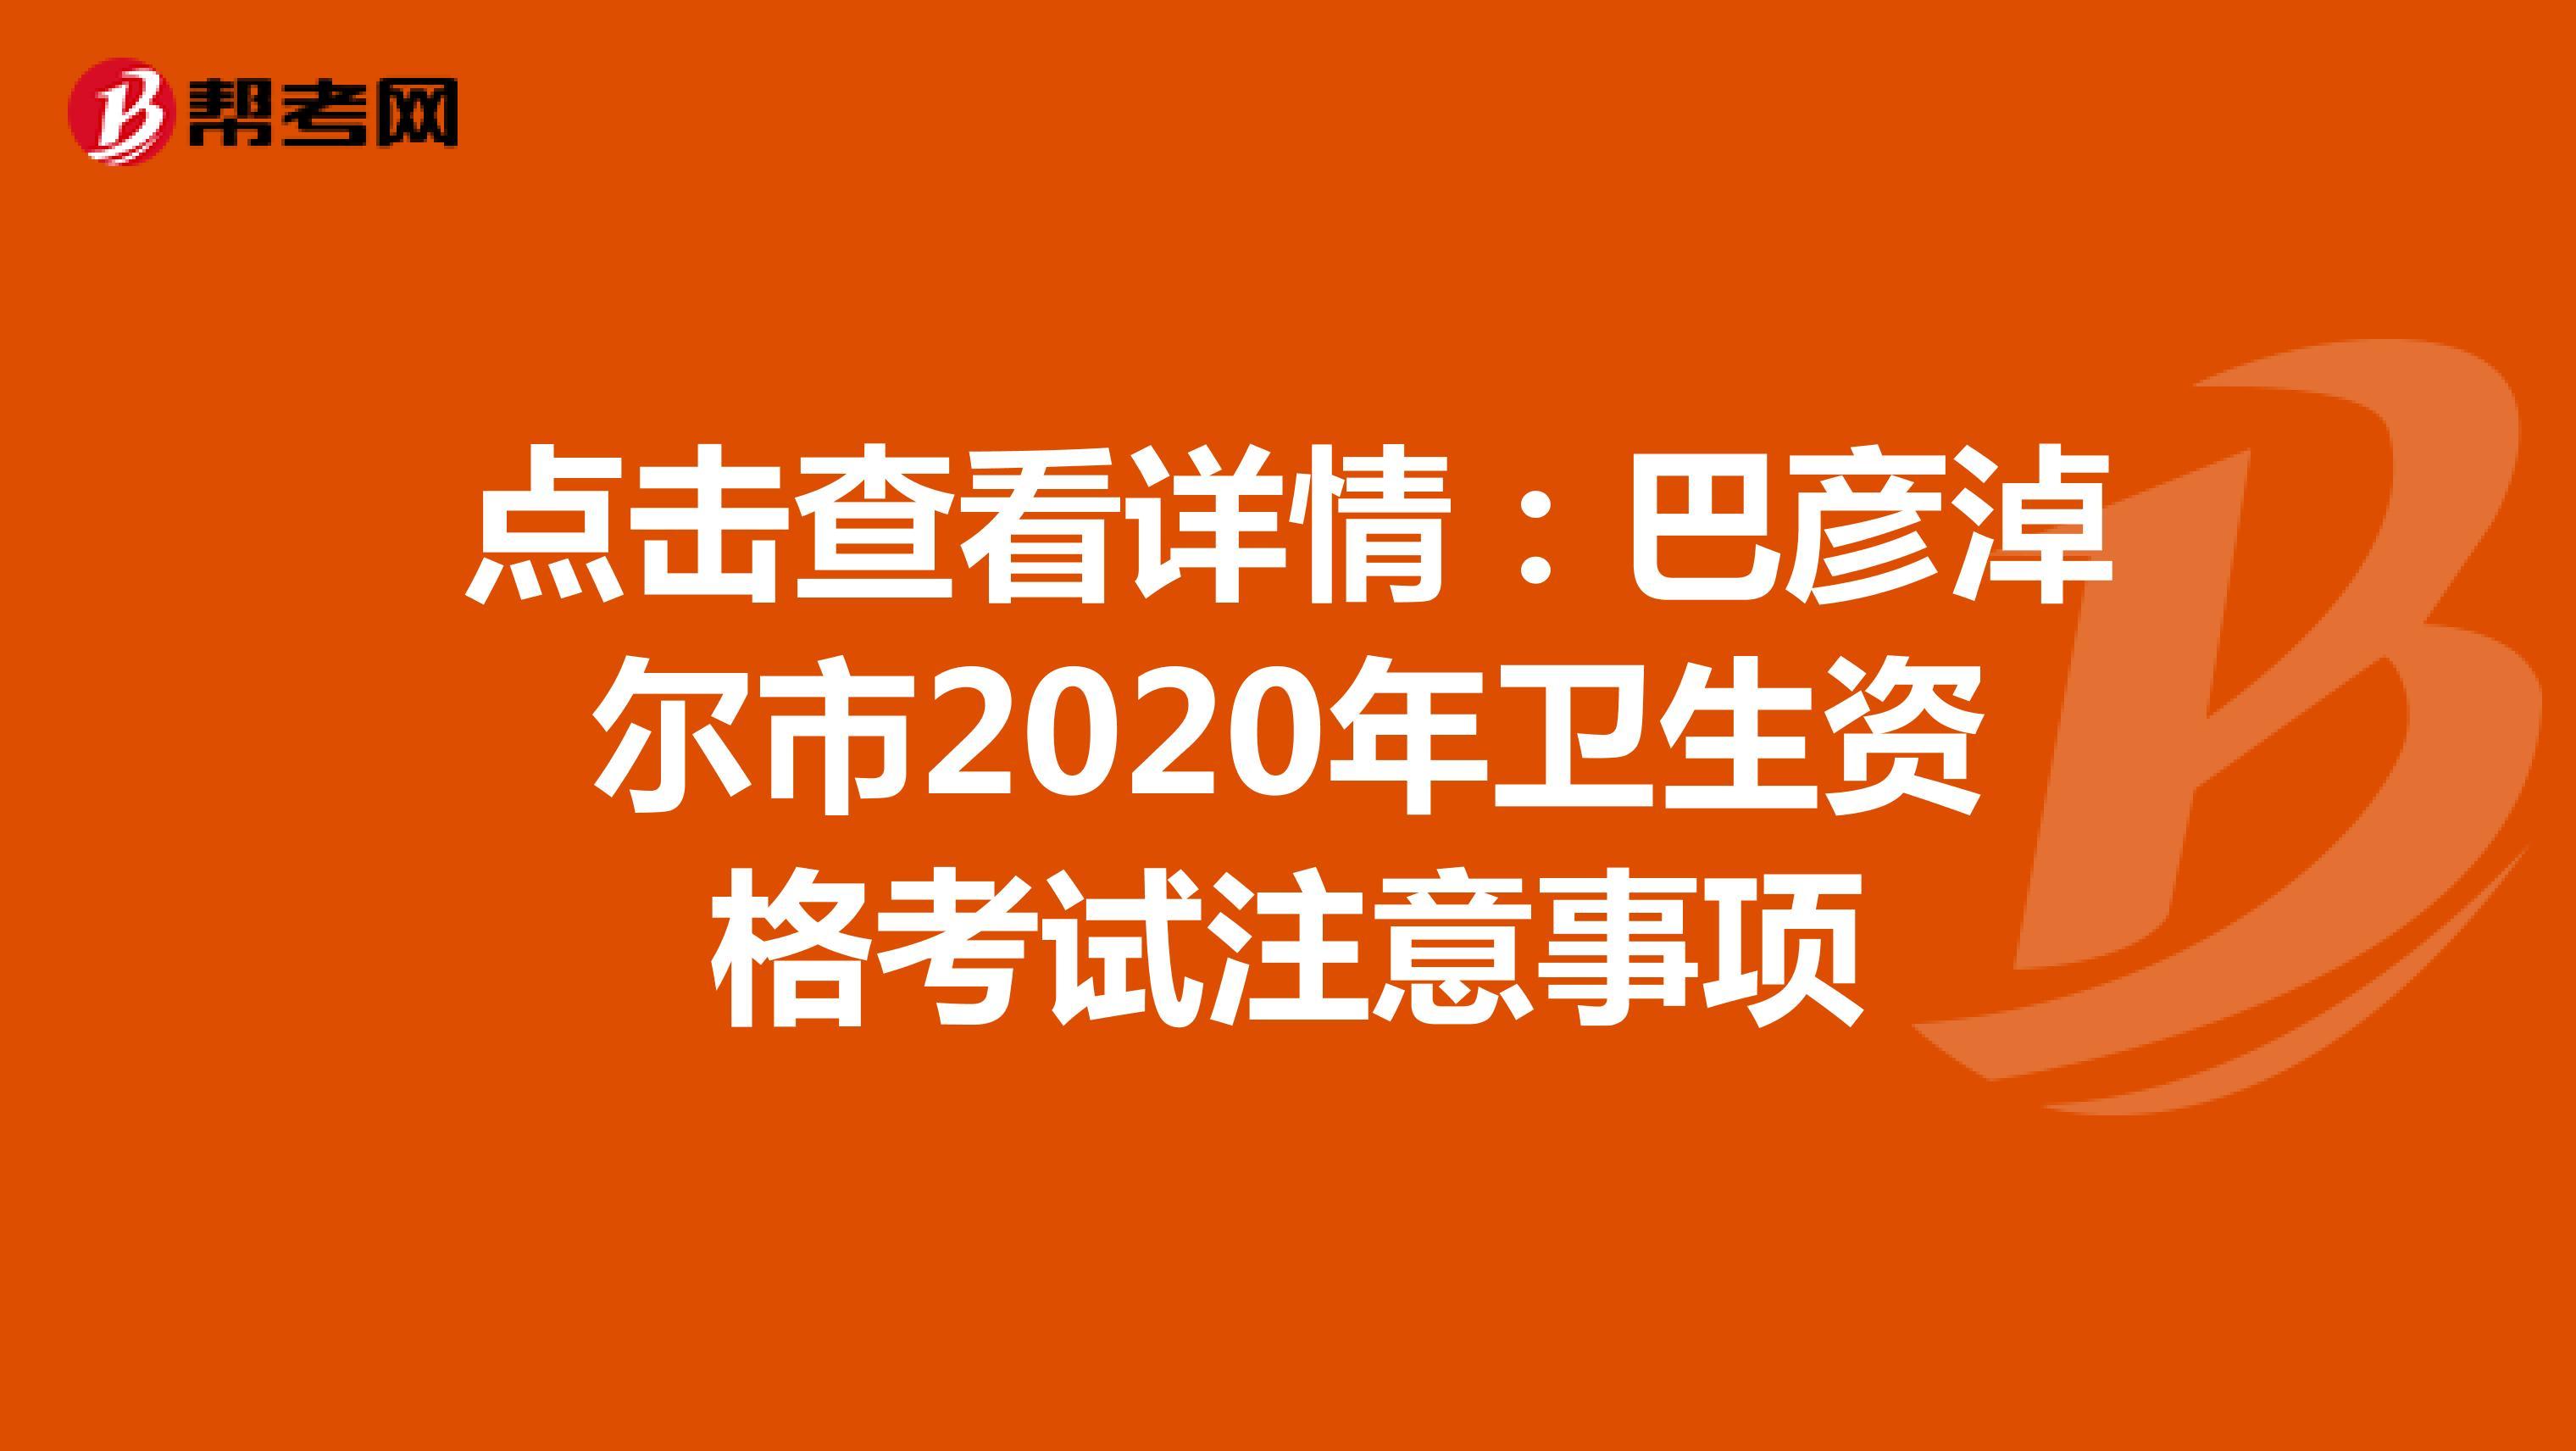 点击查看详情:巴彦淖尔市2020年卫生资格考试注意事项